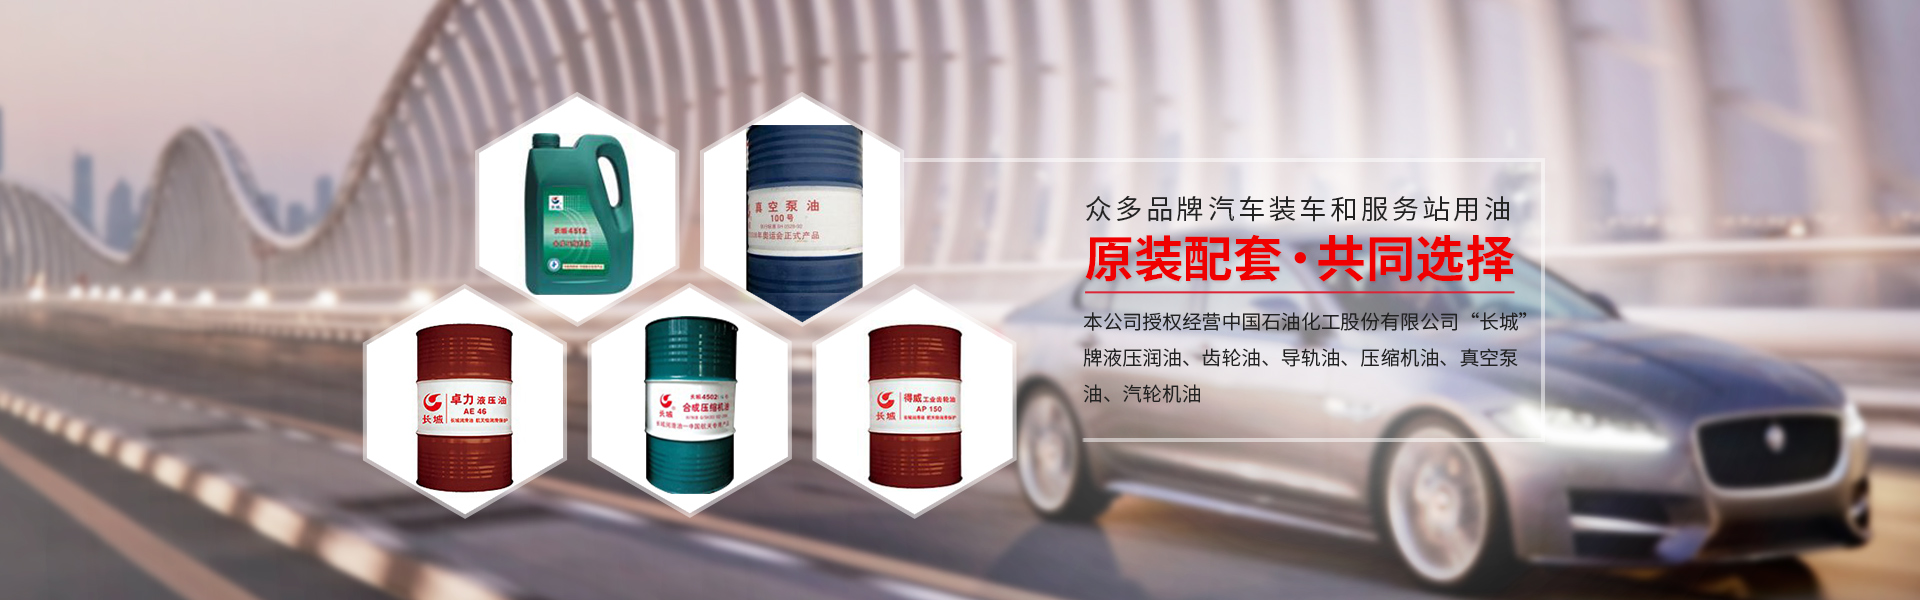 苏州创伟燃料油品有限公司